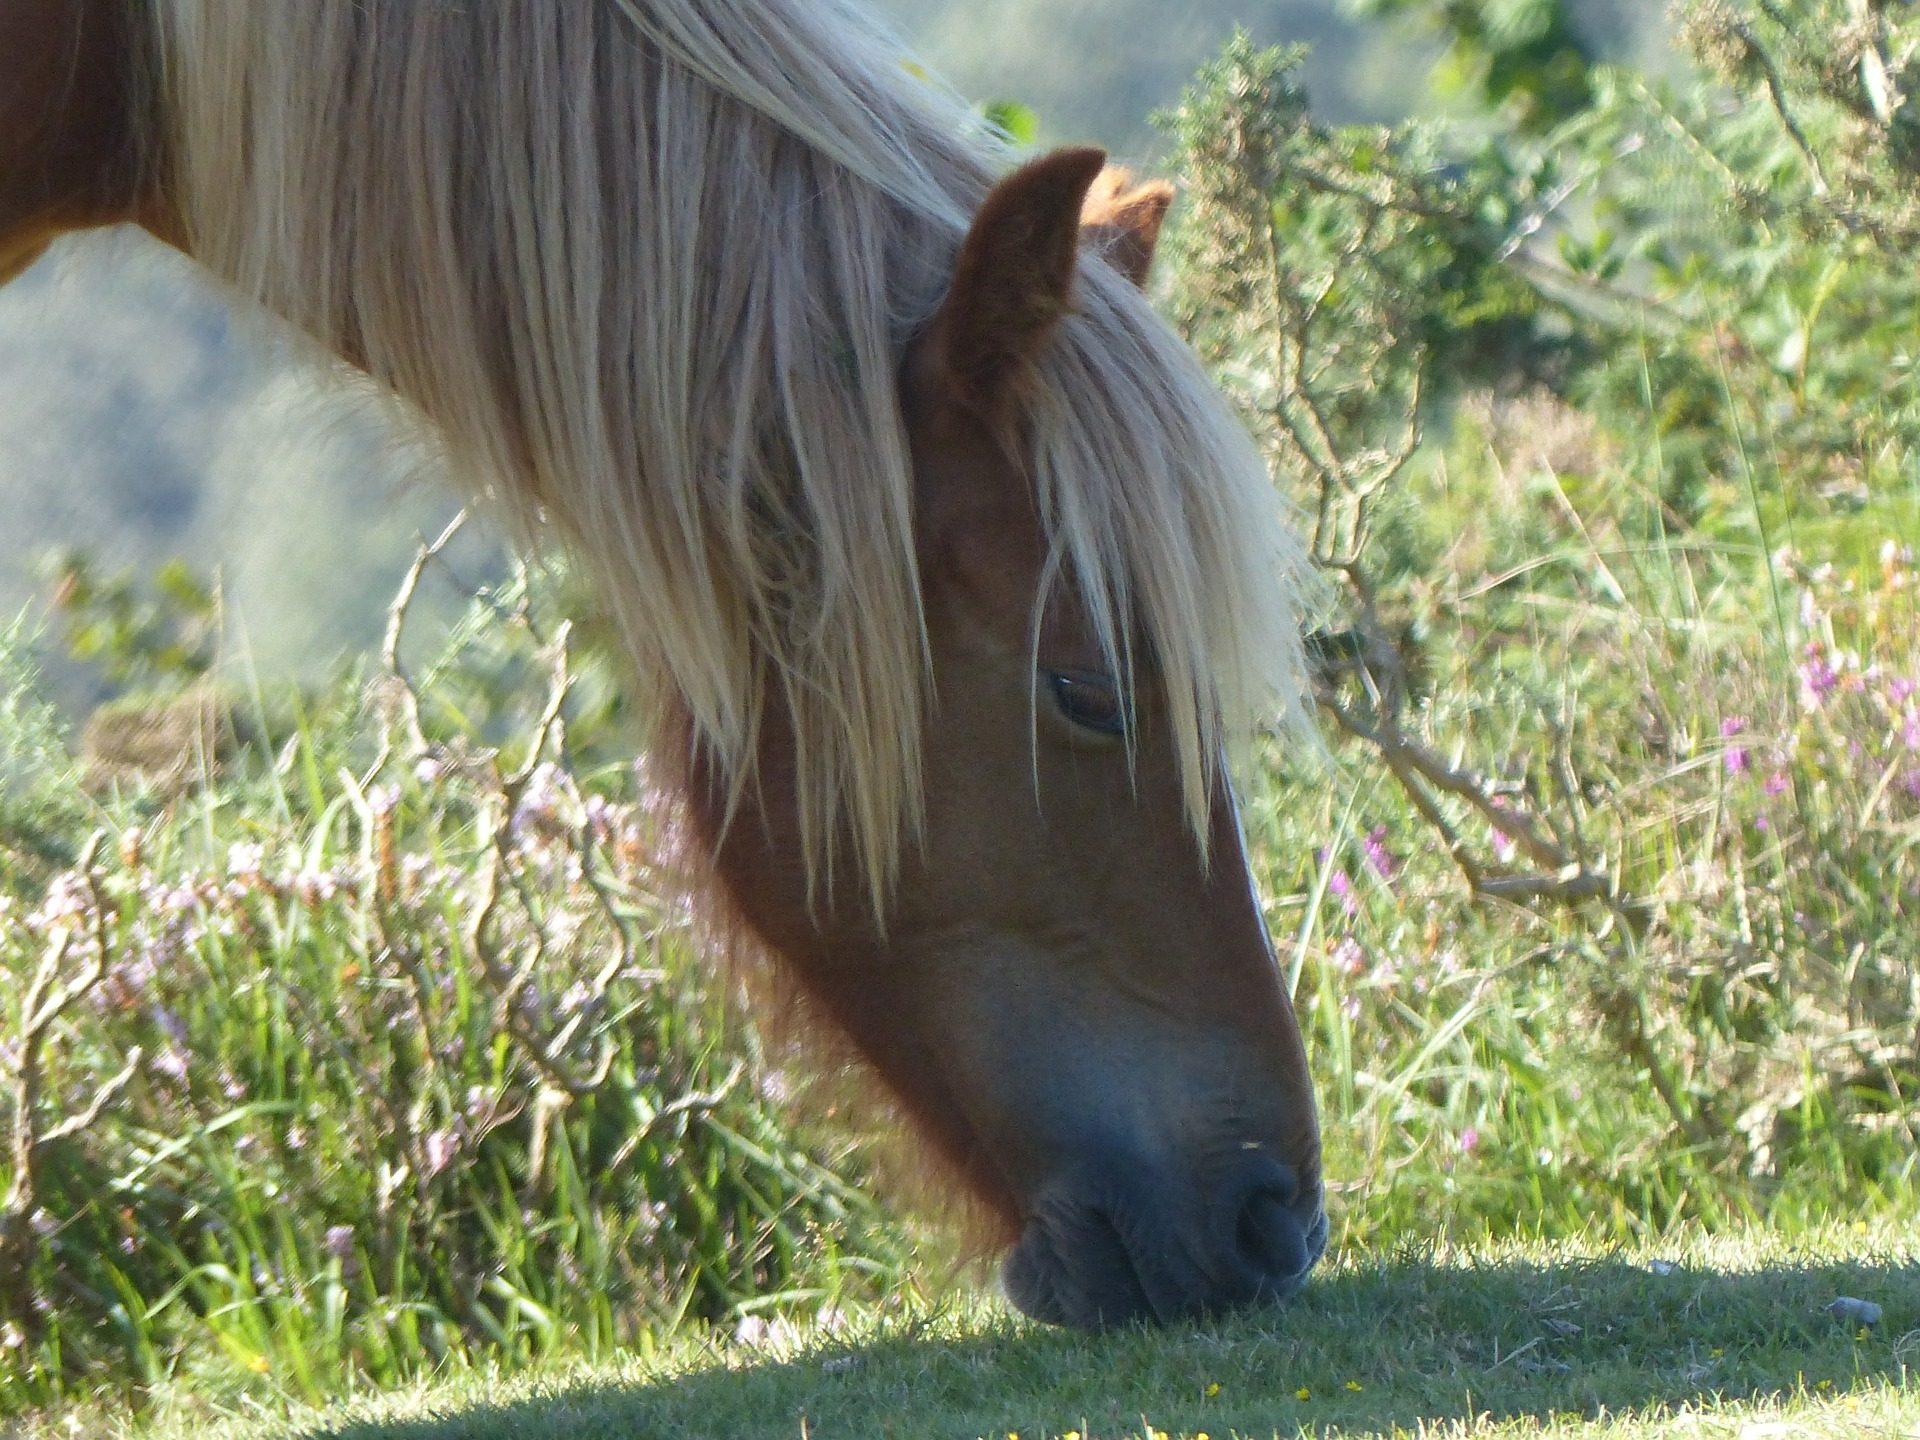 حصان, الشعر, رعي, الميدان, المهر - خلفيات عالية الدقة - أستاذ falken.com